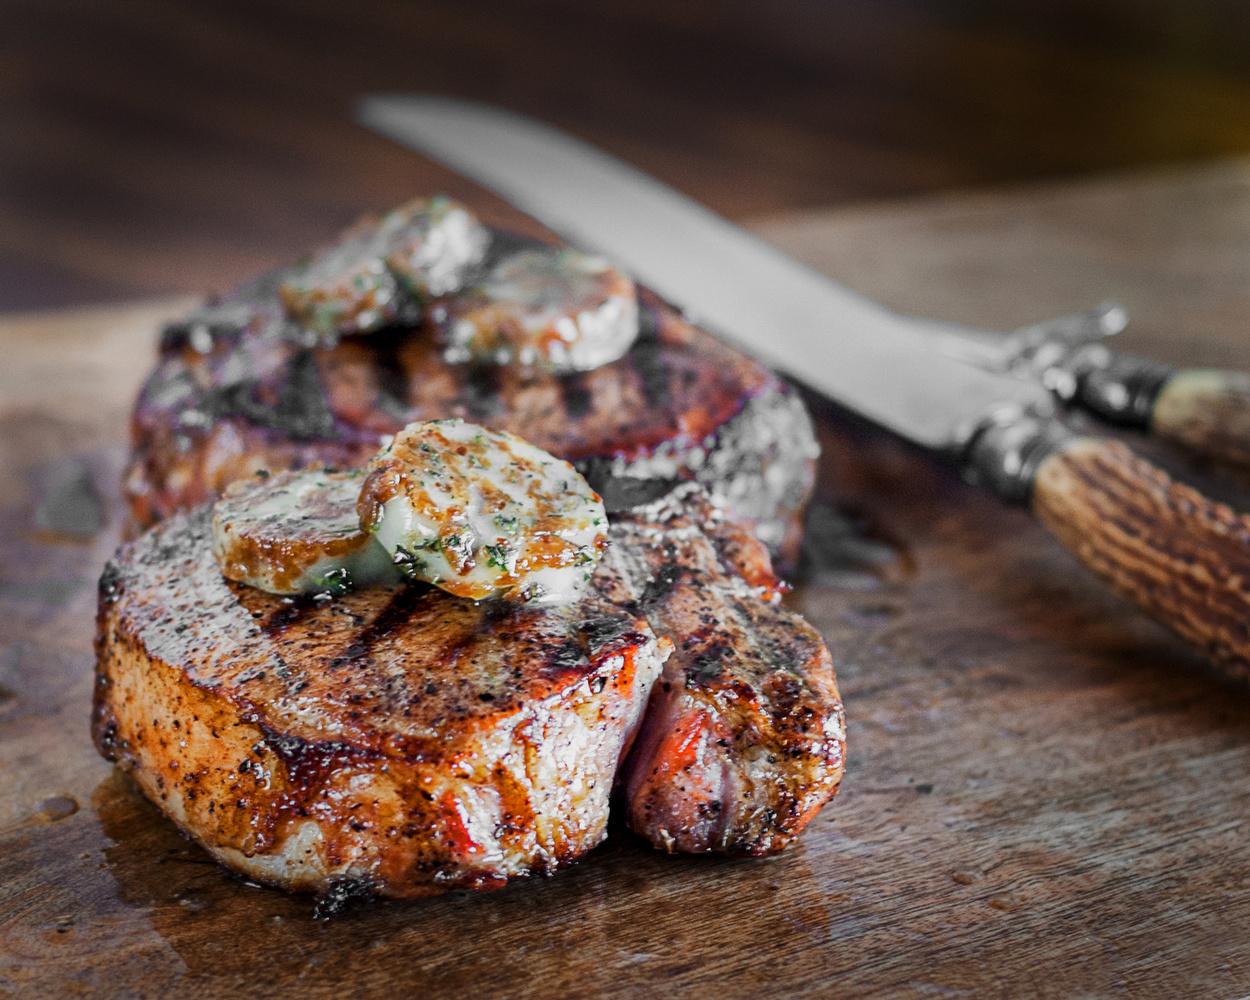 Grilled pork chops by John Dawson